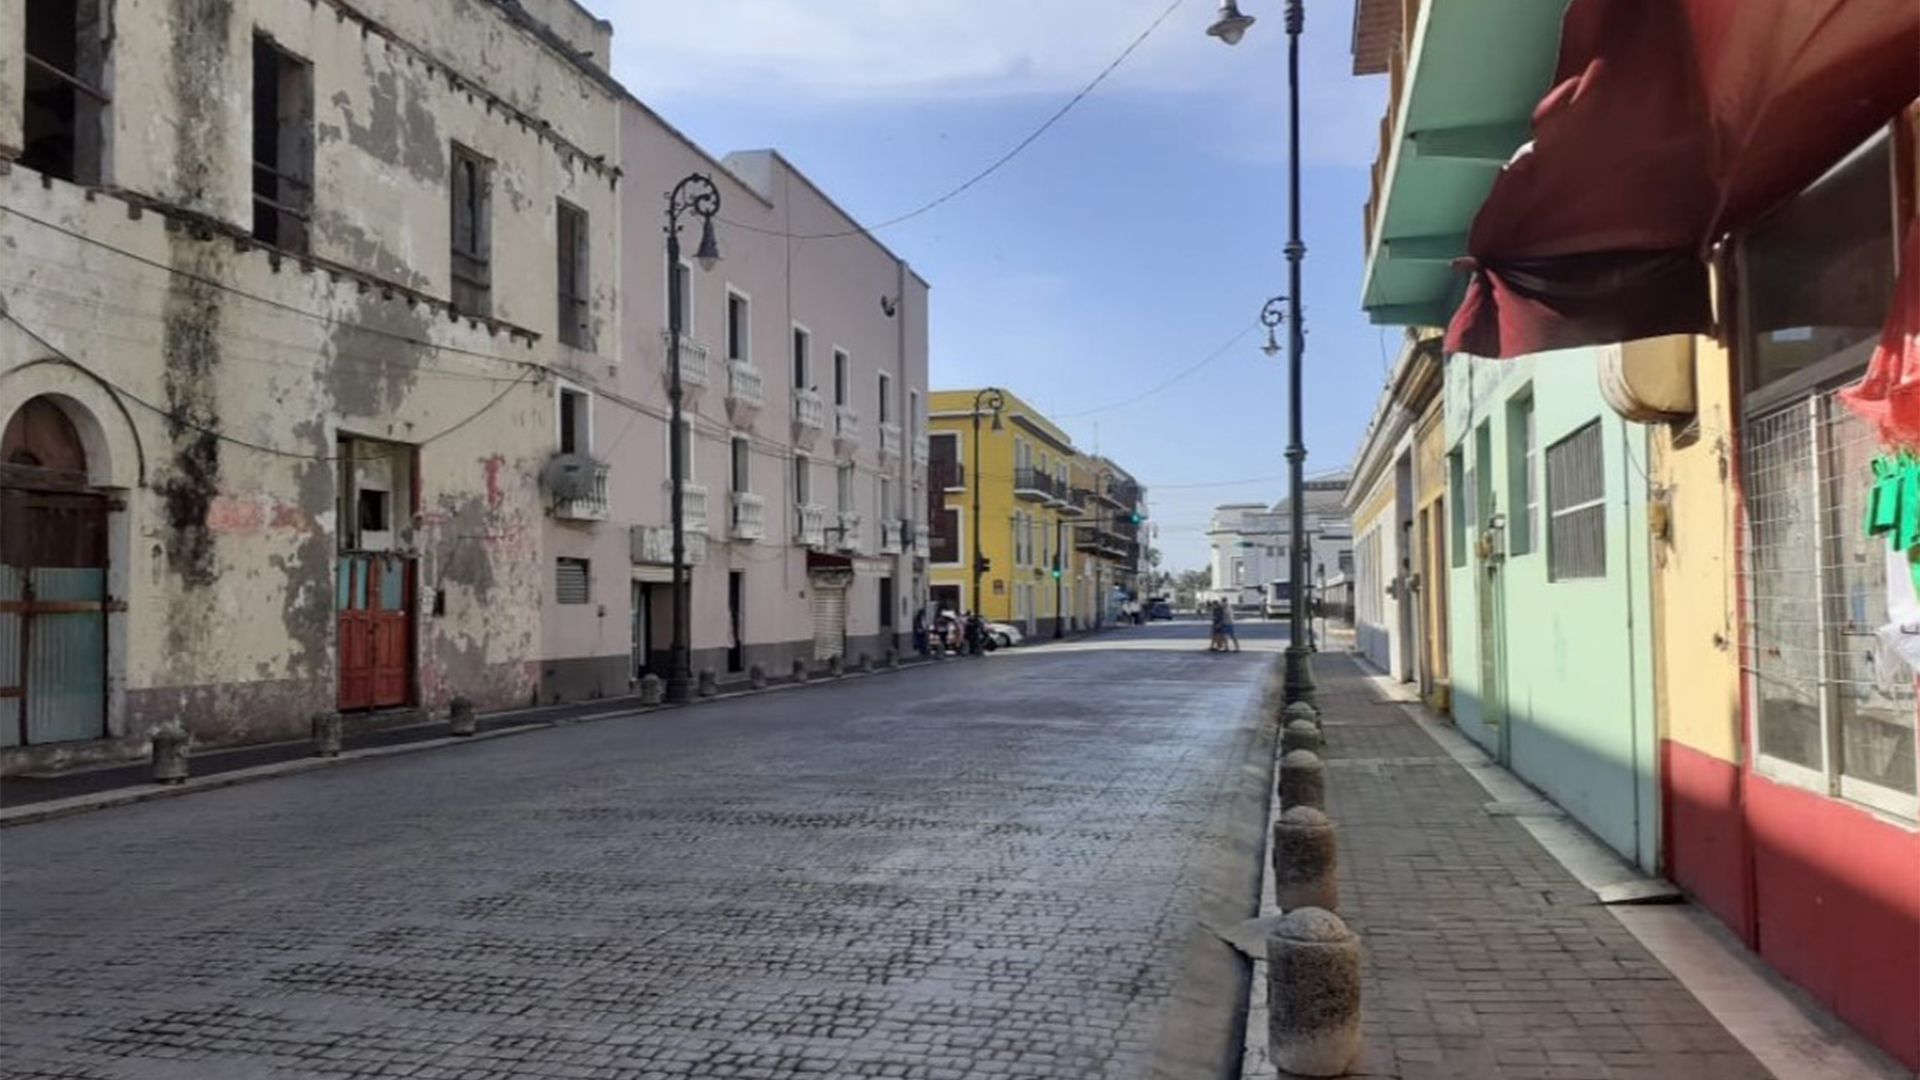 Así se vieron las calles de Veracruz durante el día de hoy (Foto: Twitter@rmga57)